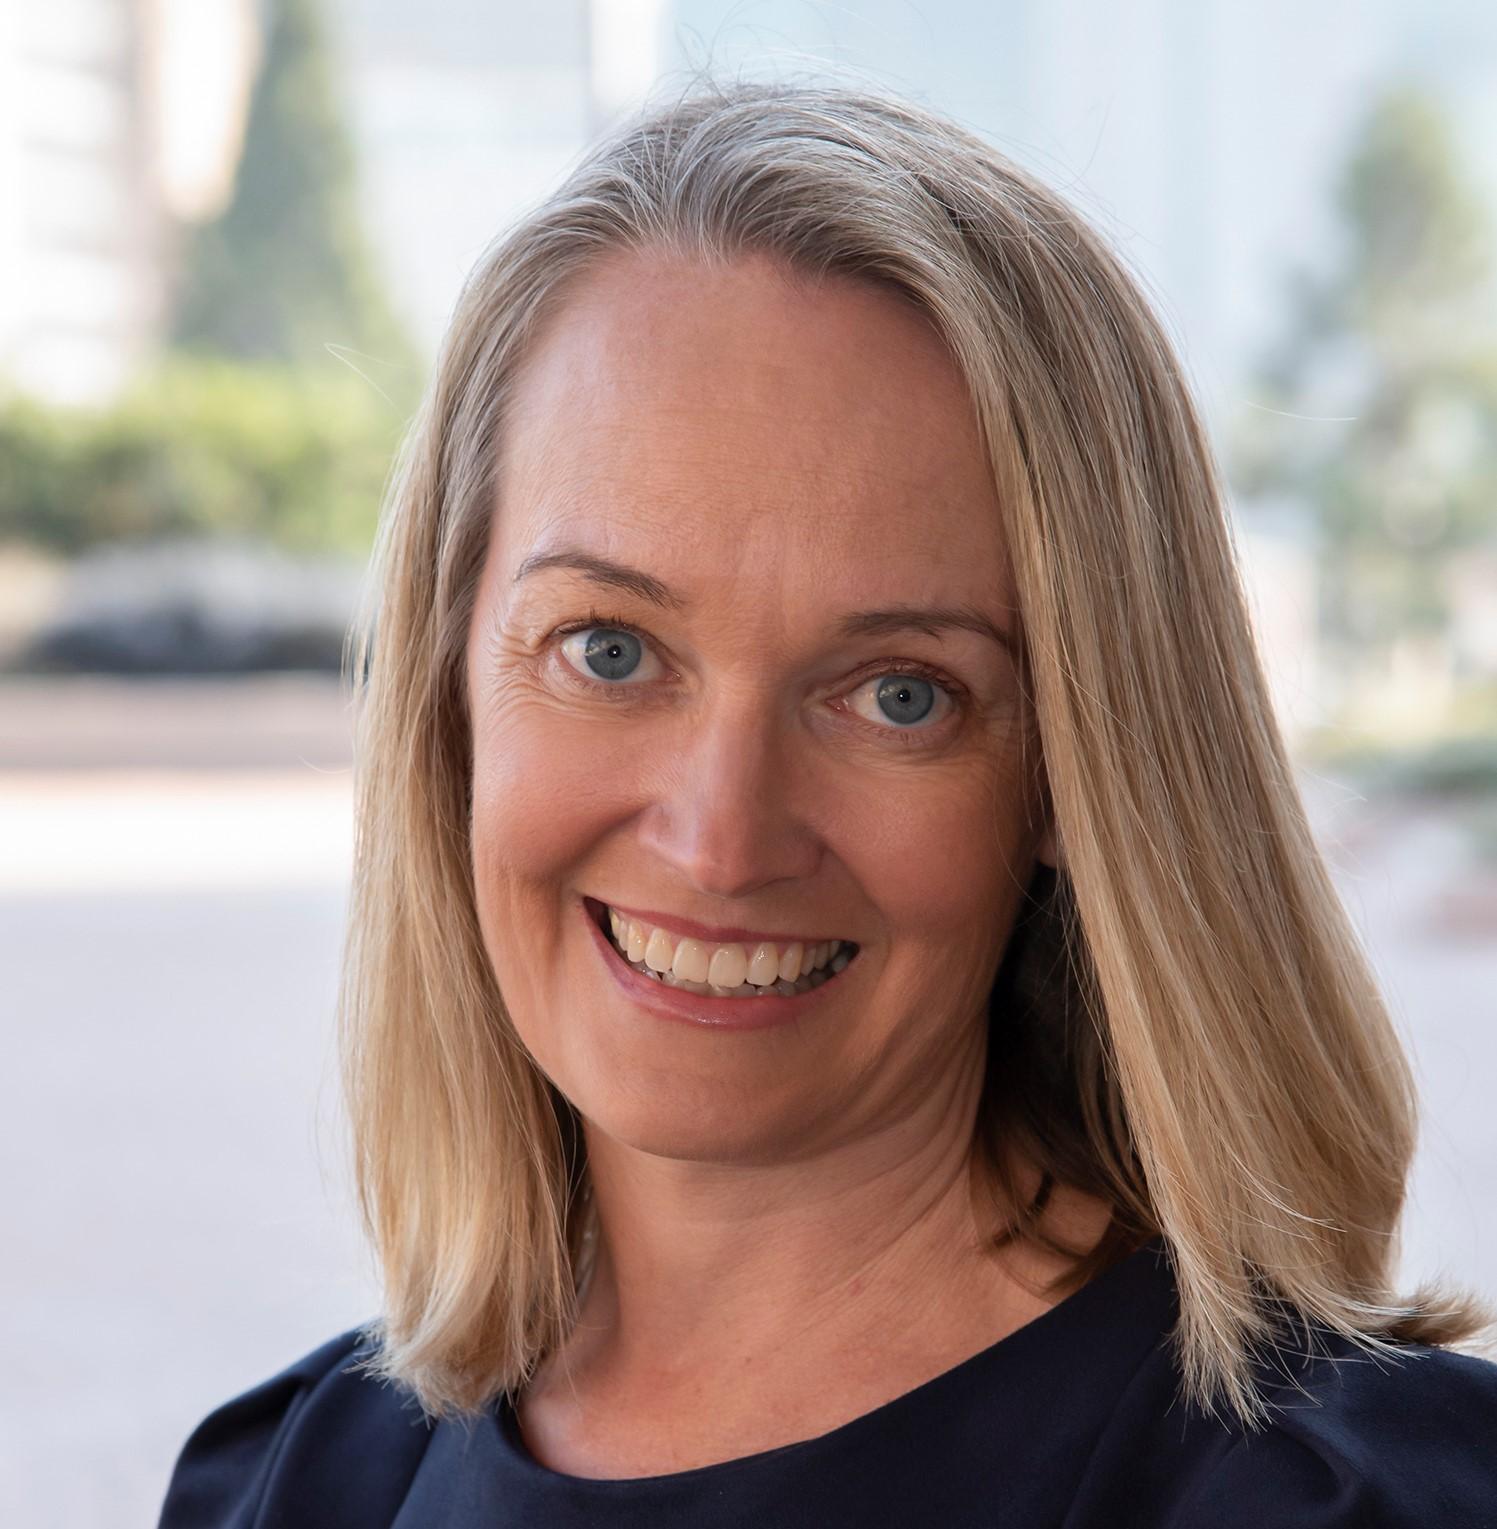 Julie A. Elginer